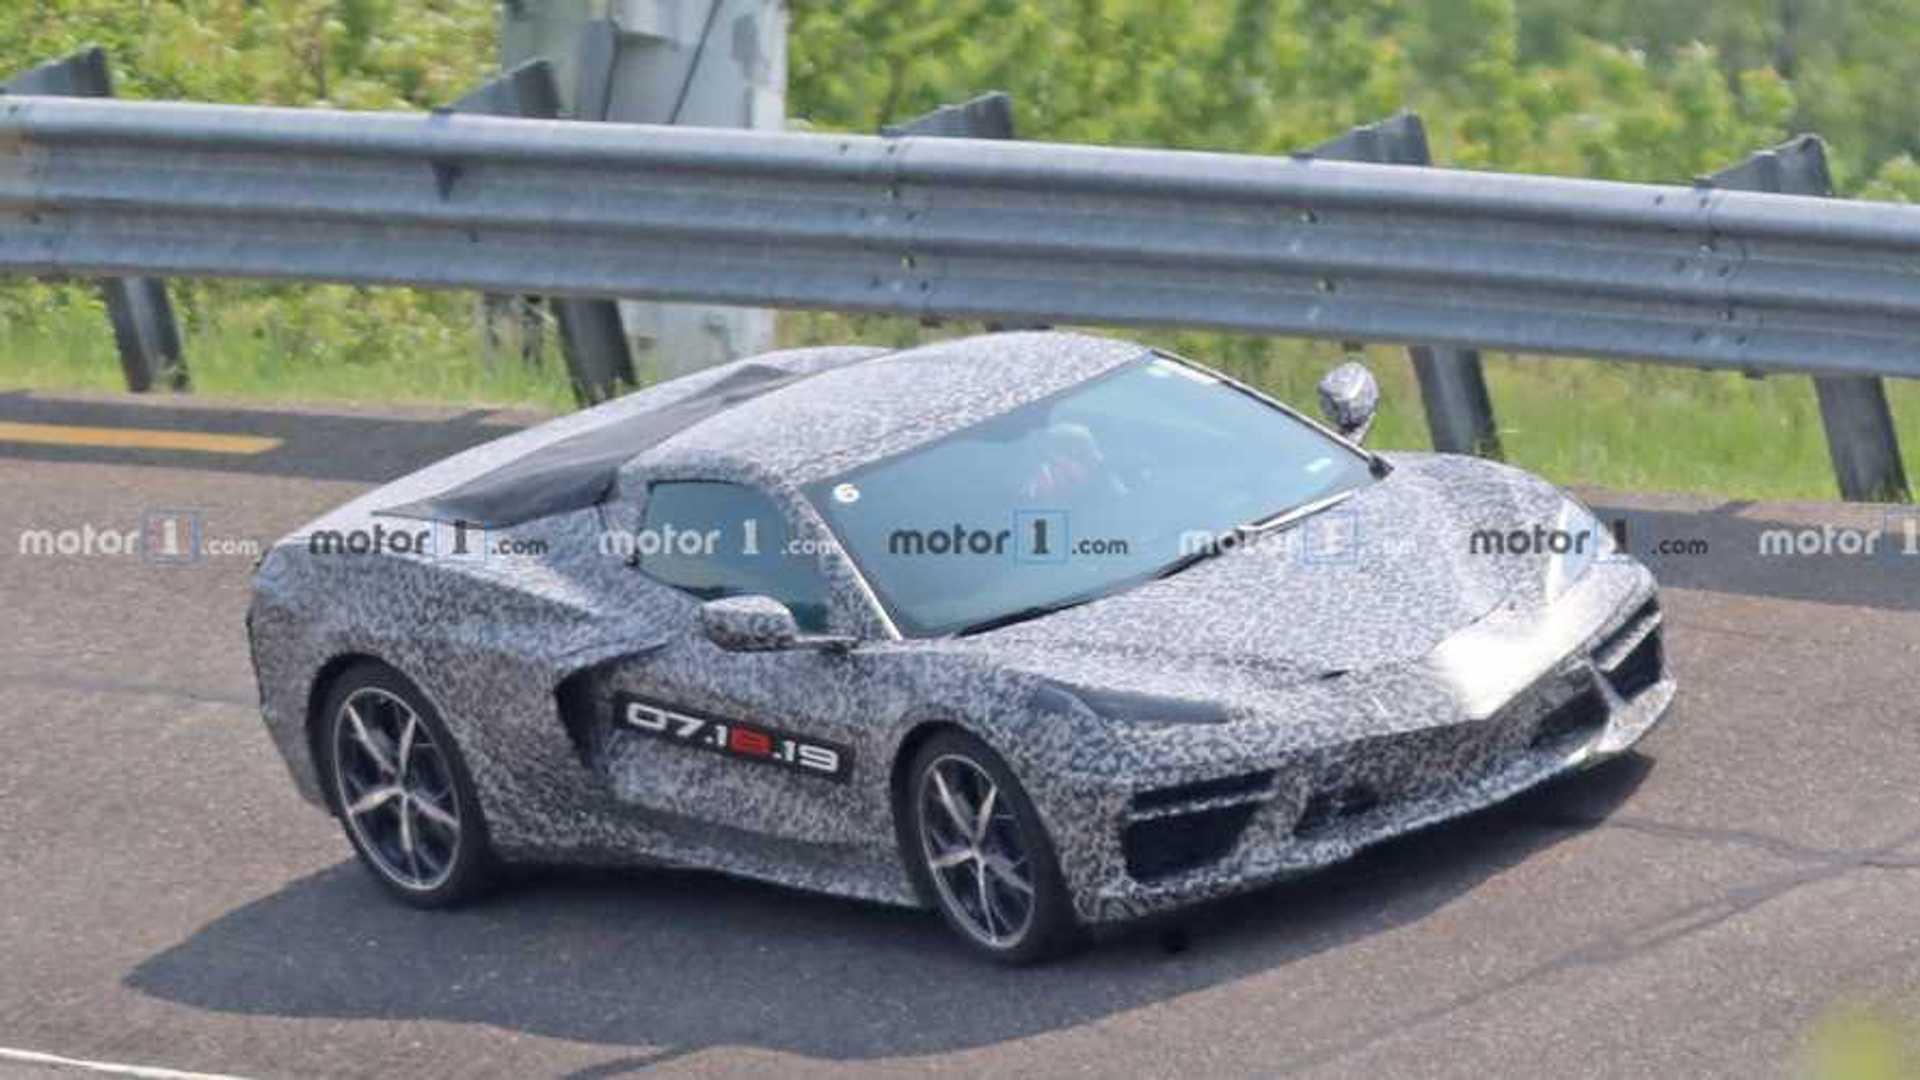 Motor1 Com Car News Reviews And Analysis